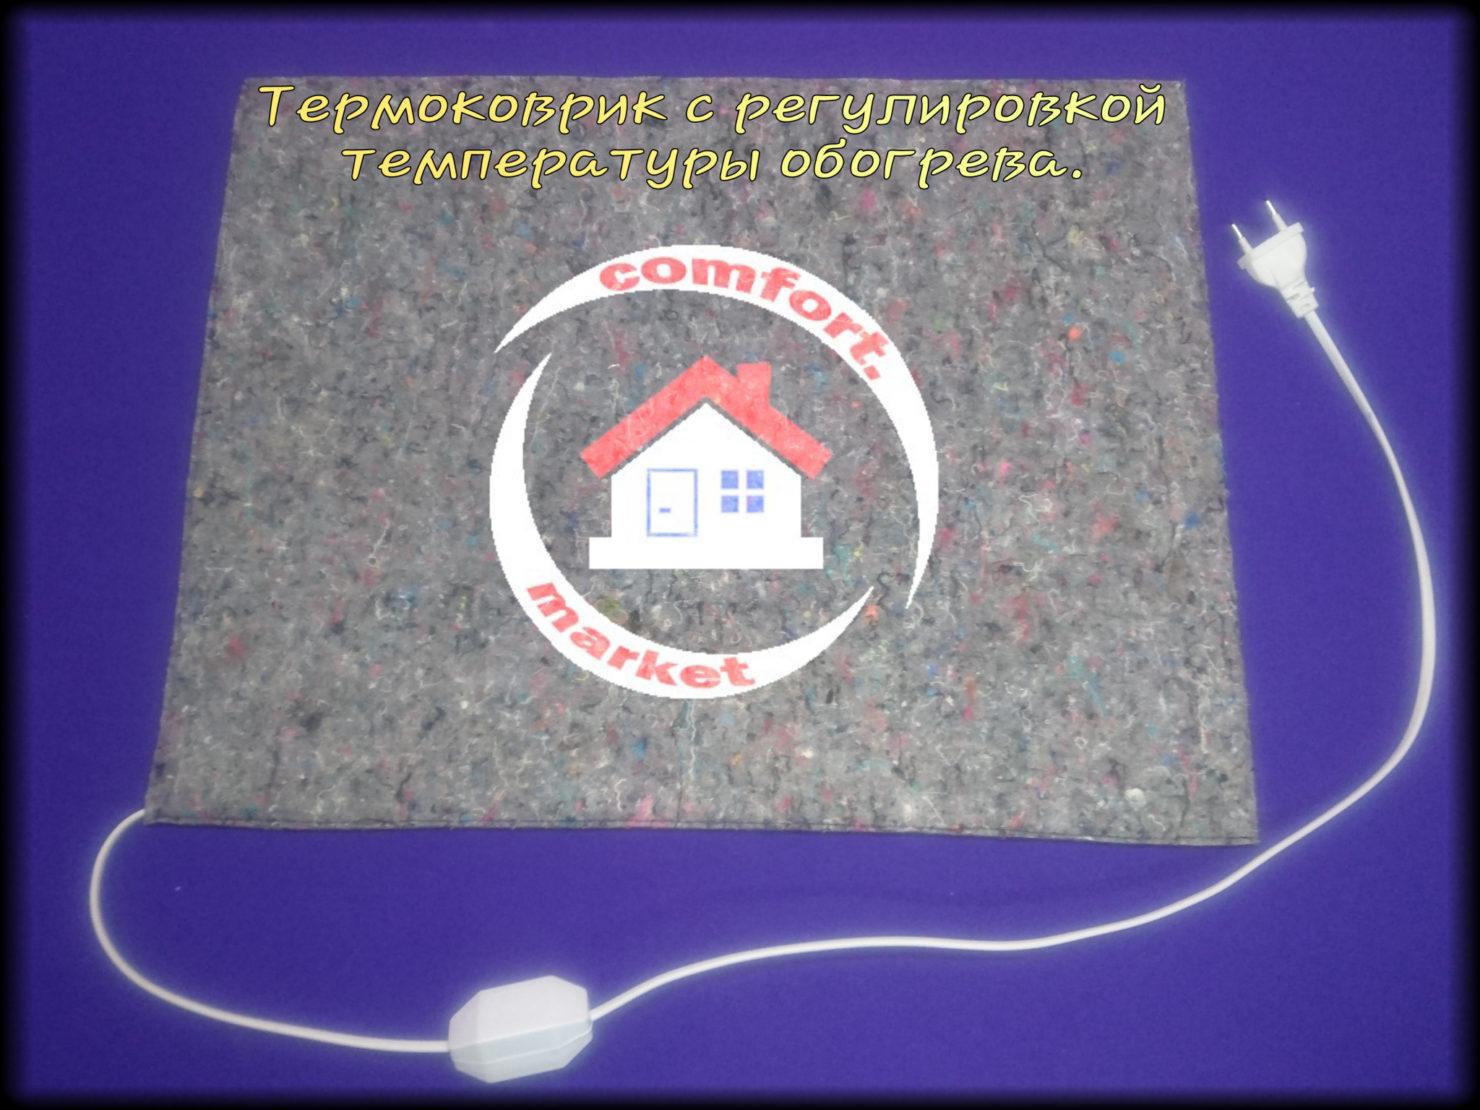 Заказать Термоковрик для кошки, собаки с гарантией качества 5 лет от производителя в Украине.